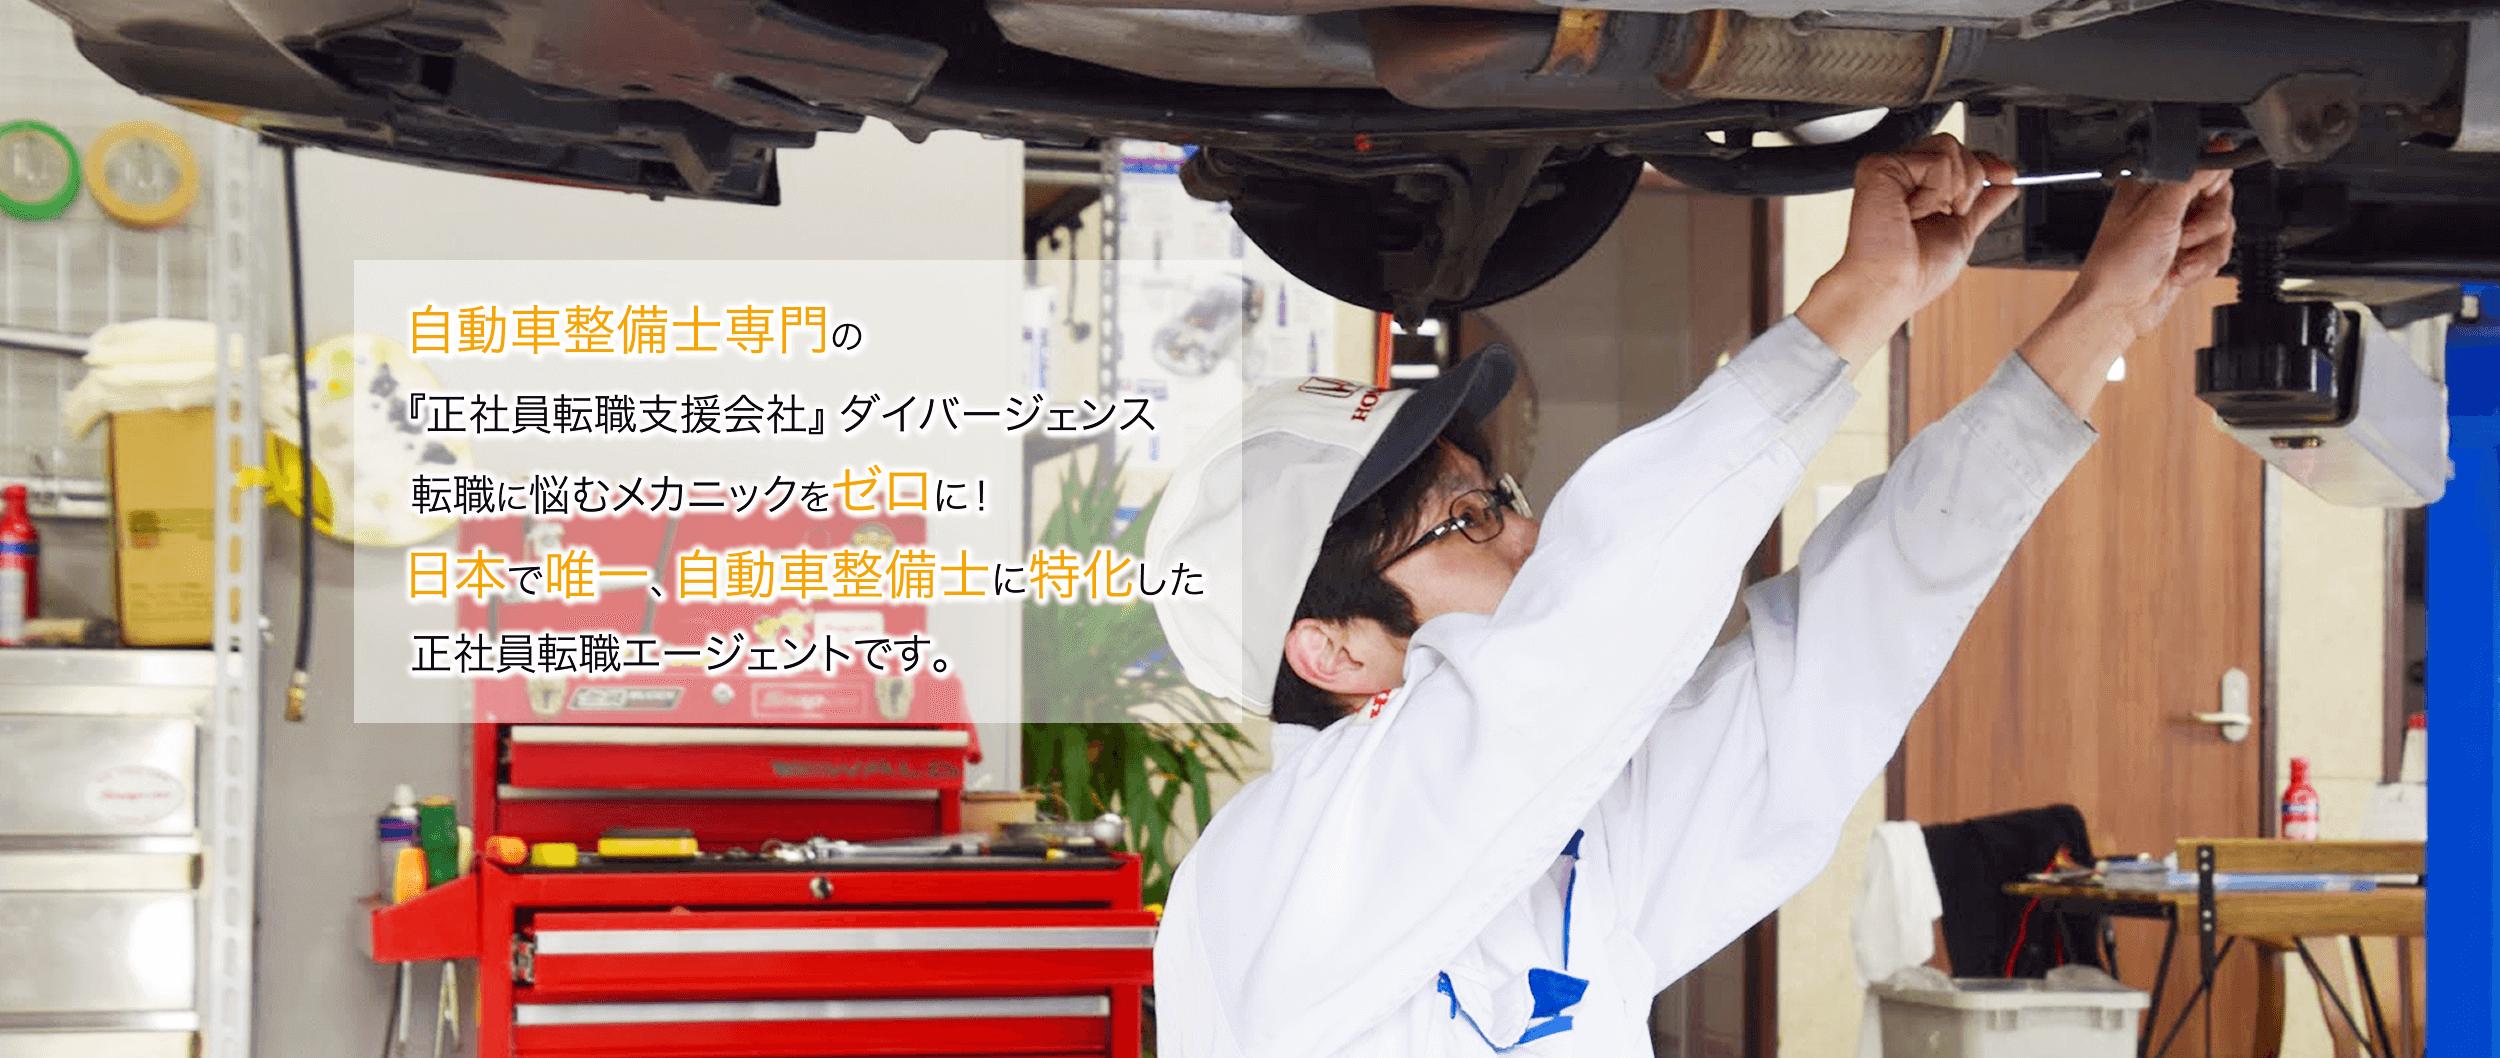 自動車整備士専門の『正社員転職支援会社』ダイバージェンス 転職に悩むメカニックをゼロに!日本で唯一、自動車整備士に特化した正社員転職エージェントです。